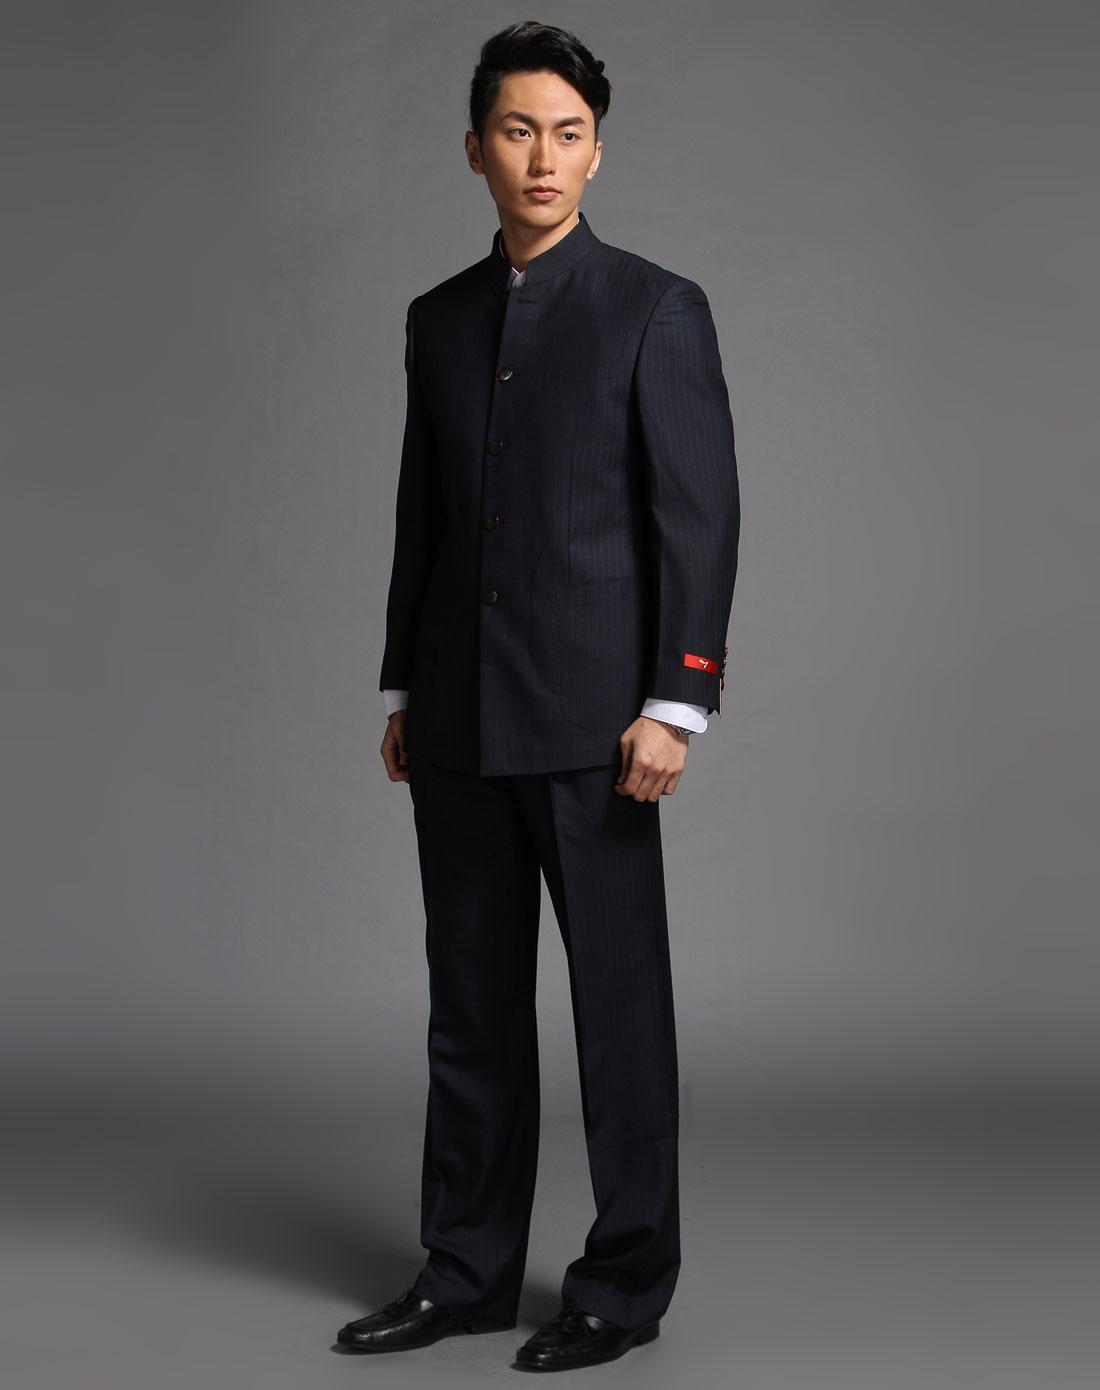 黑蓝色时尚休闲中华立领长袖套装图片